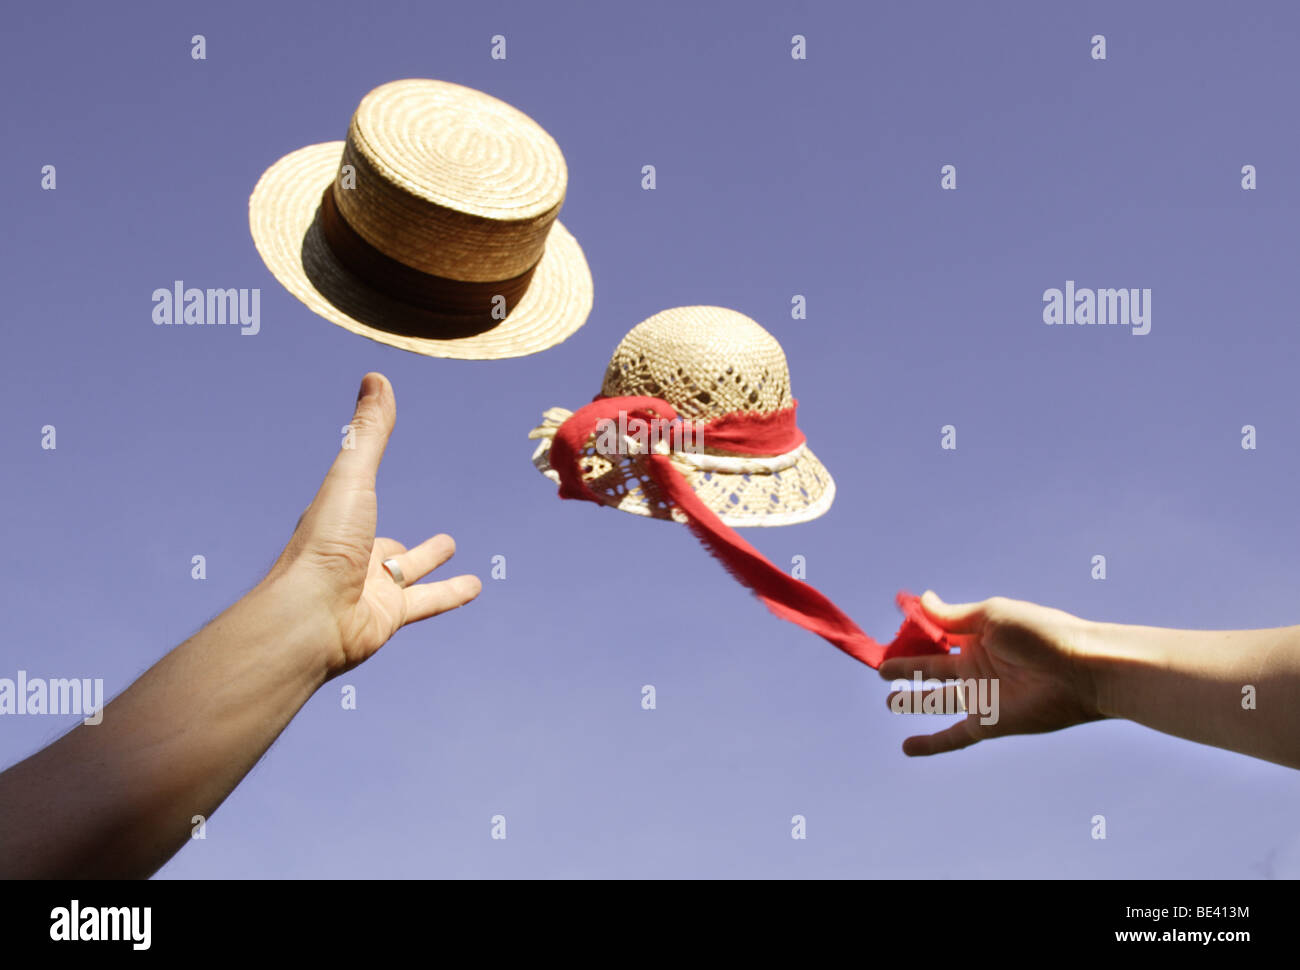 FlYING HATS. - Stock Image